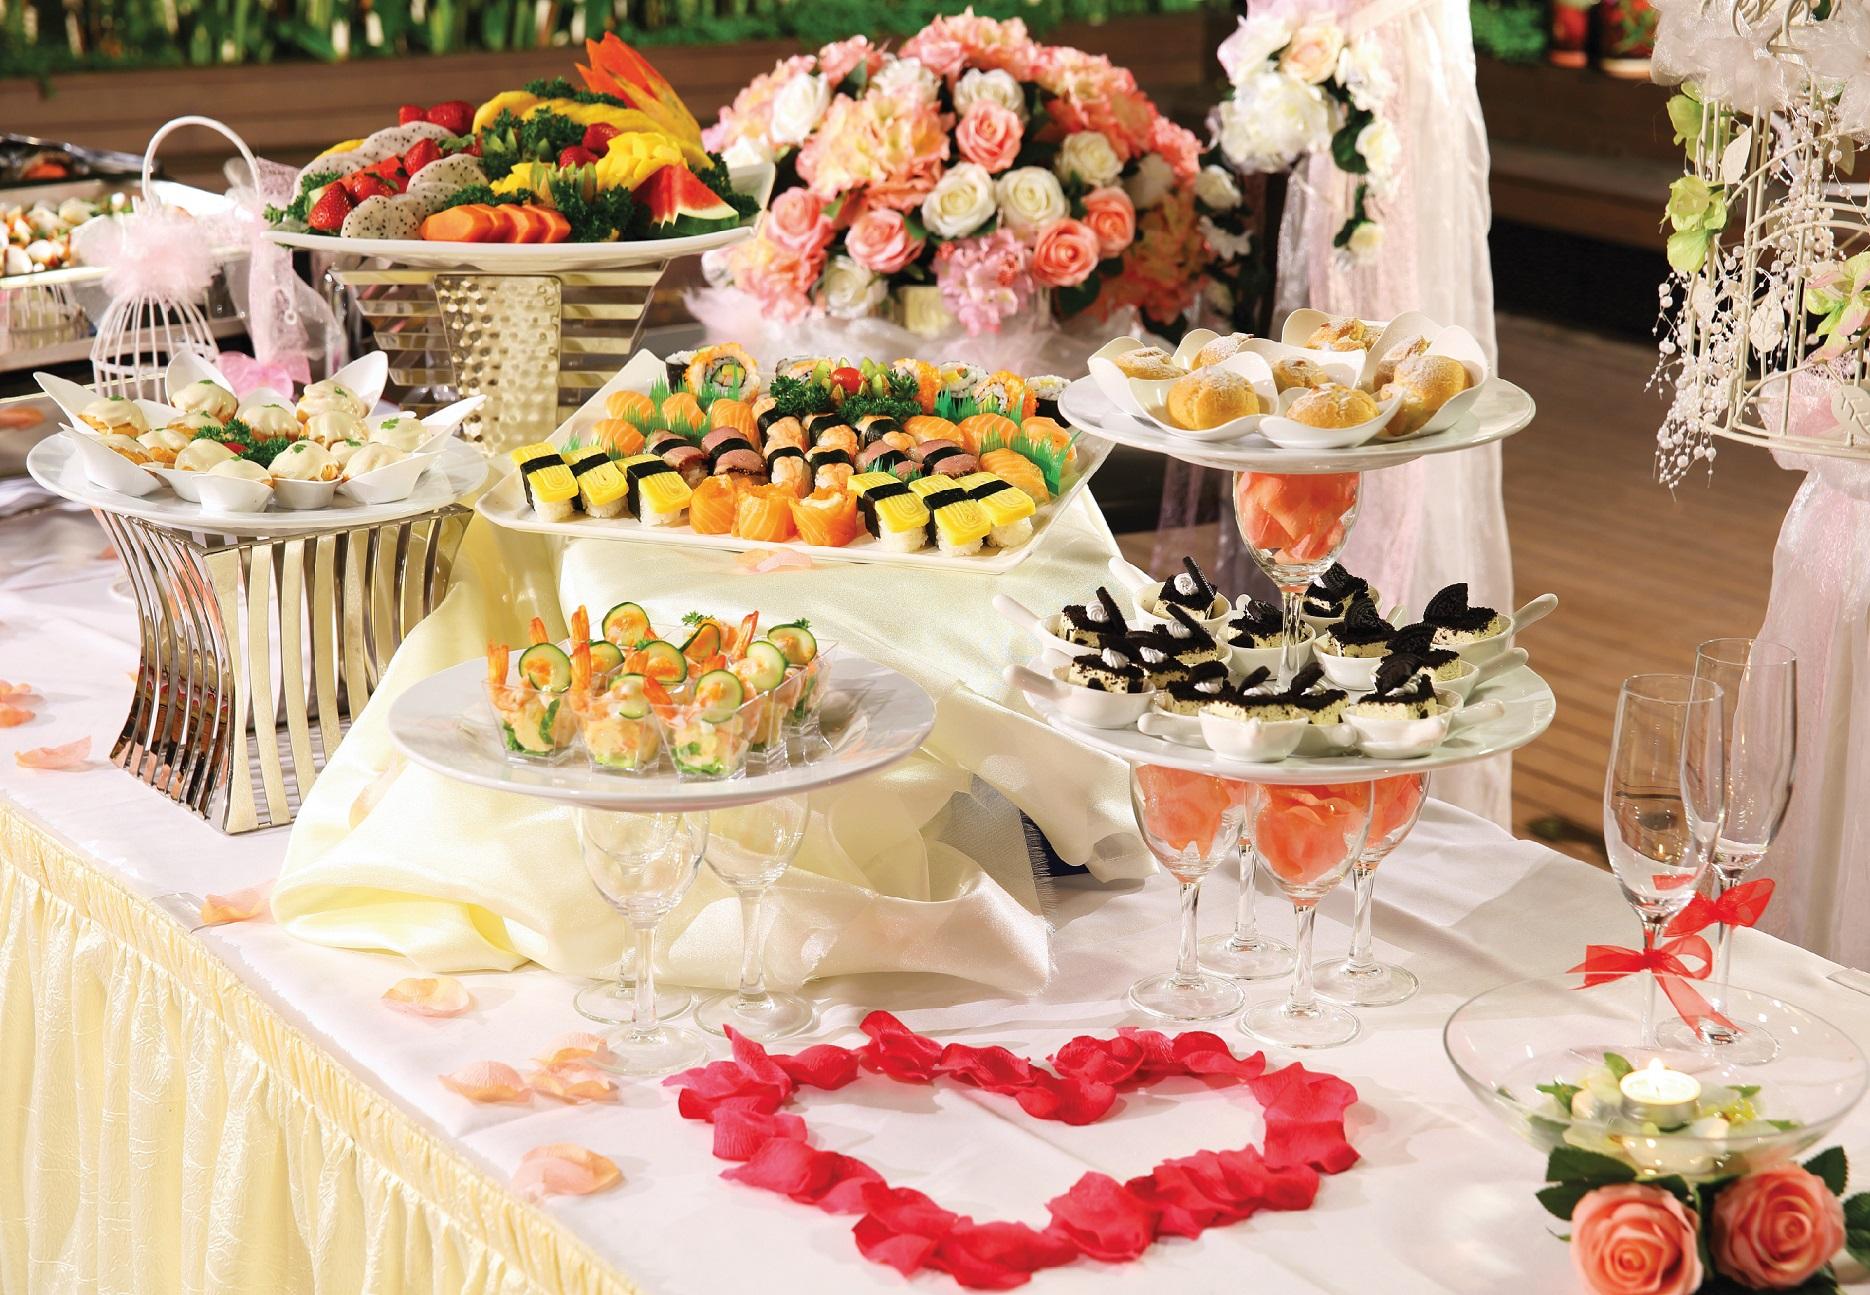 россии принято, свадебный стол фото еды окончания вуза работала